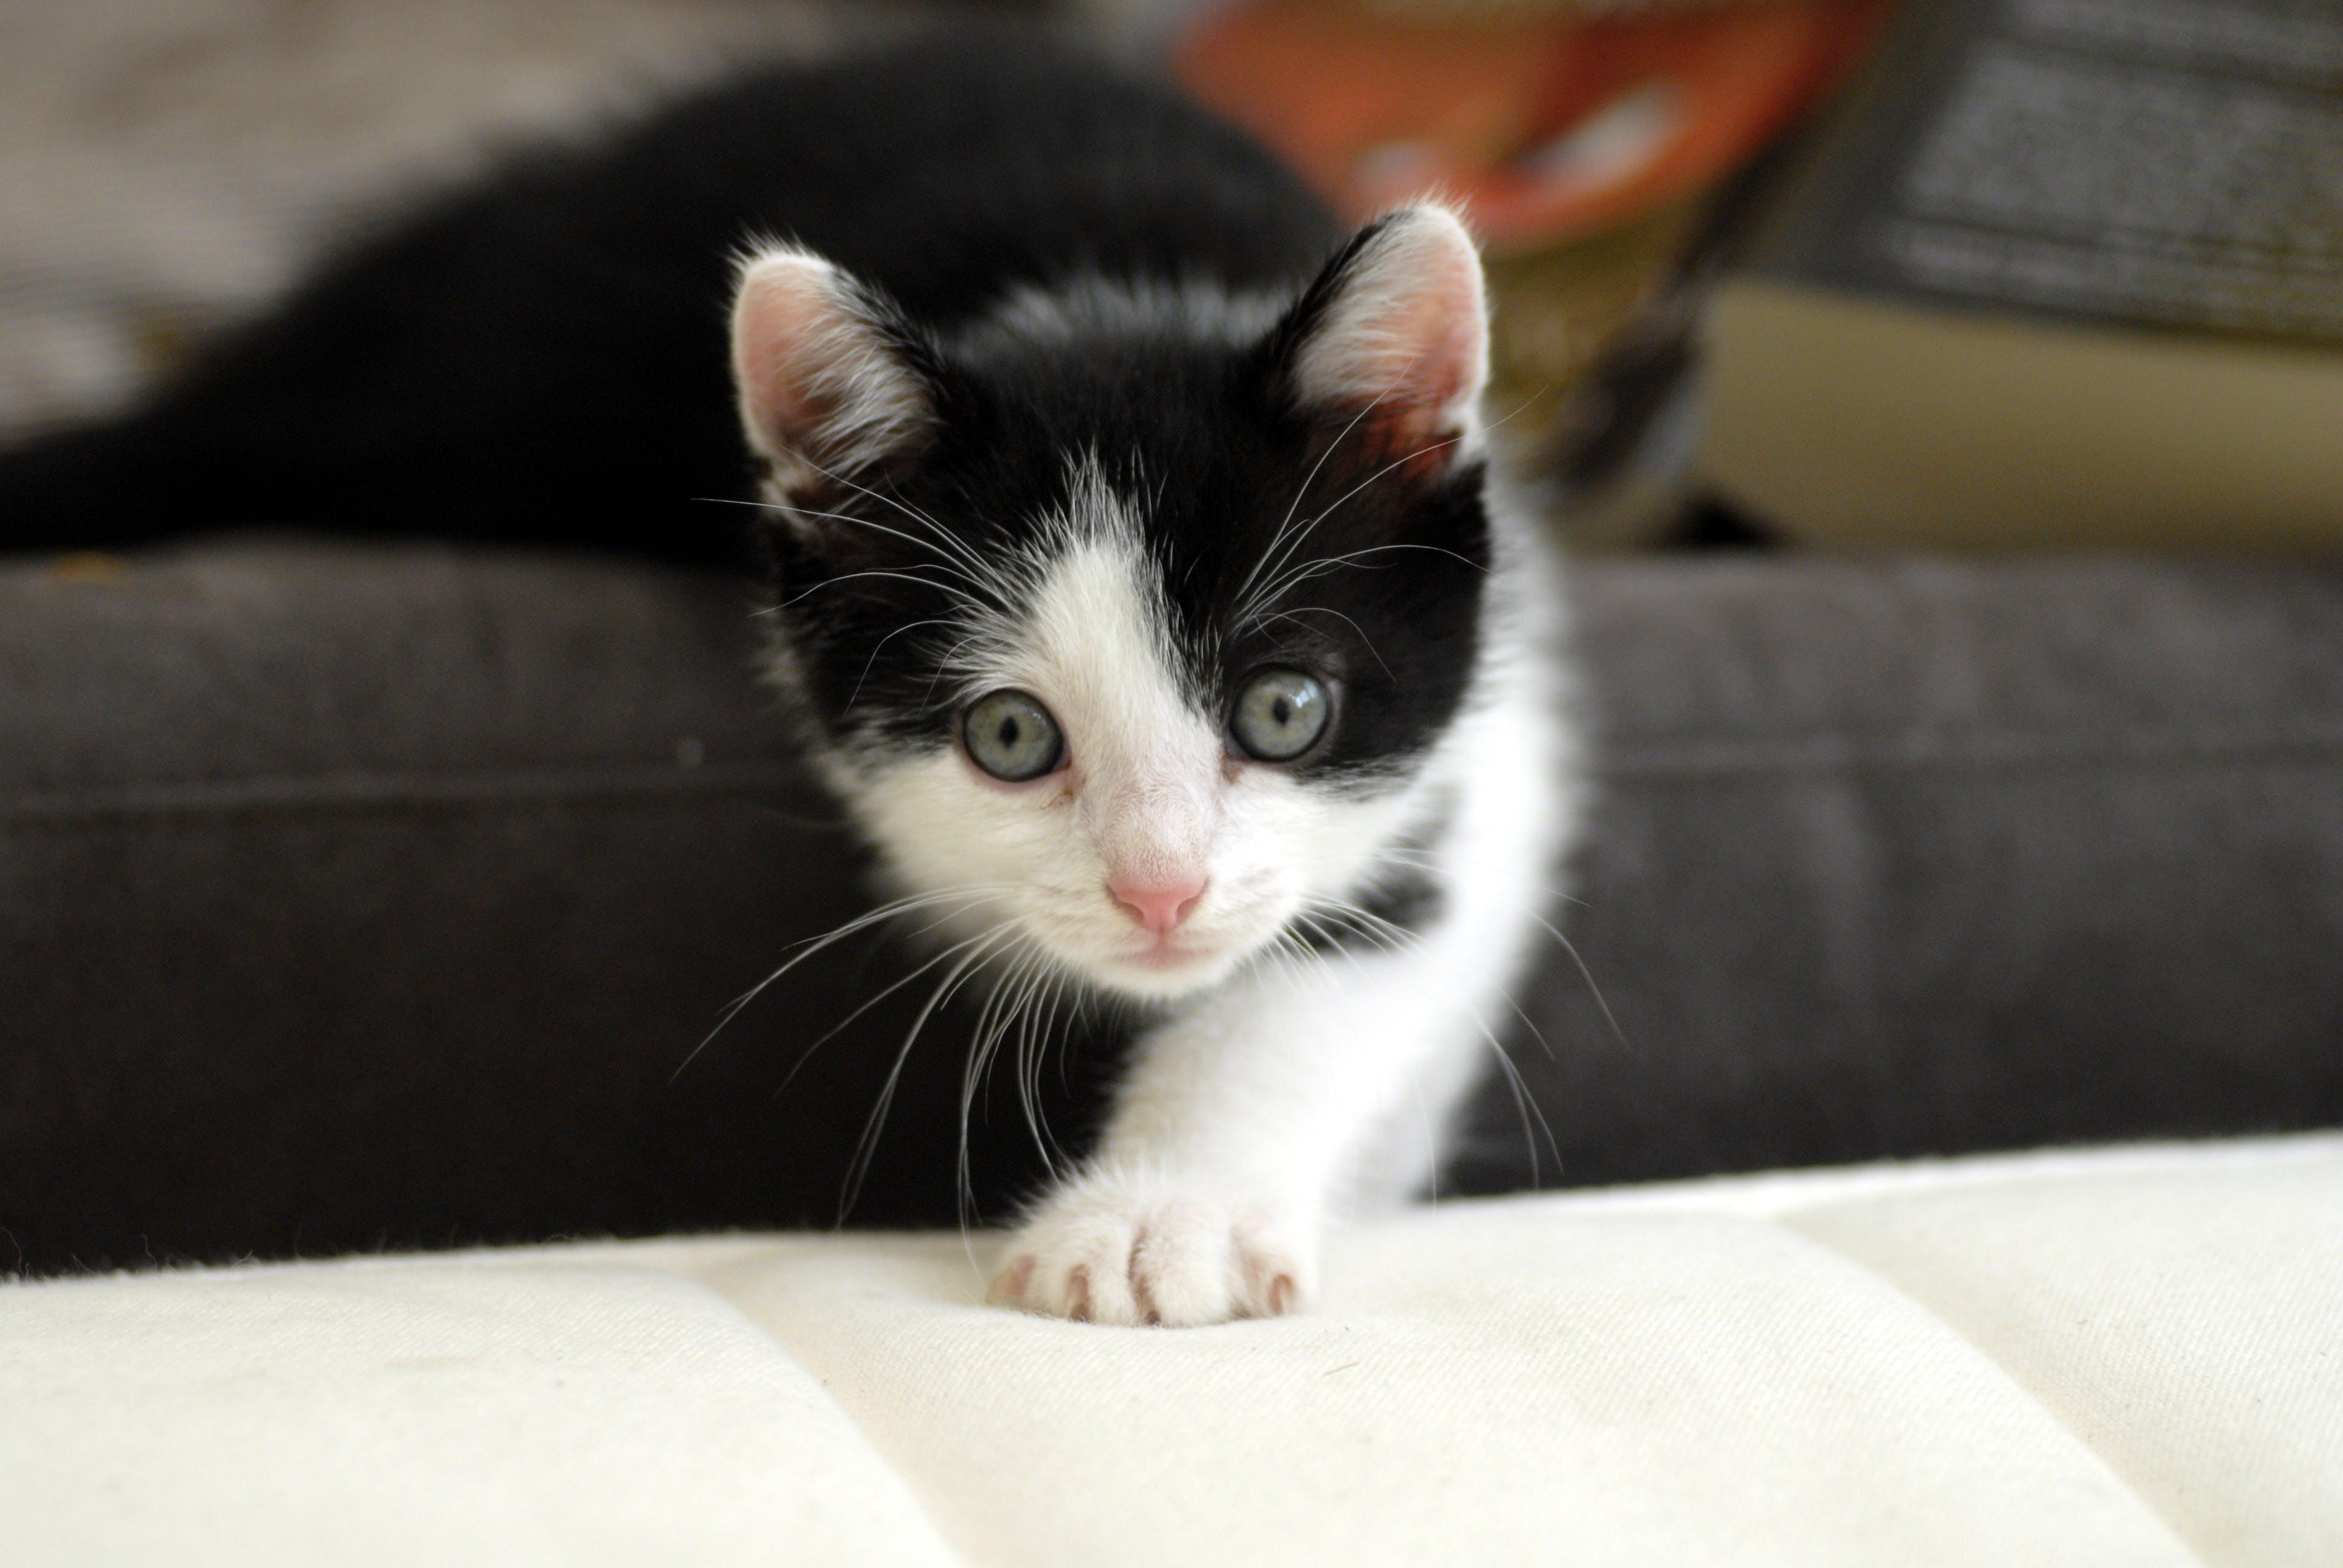 고양이, 눈의 무료 스톡 사진